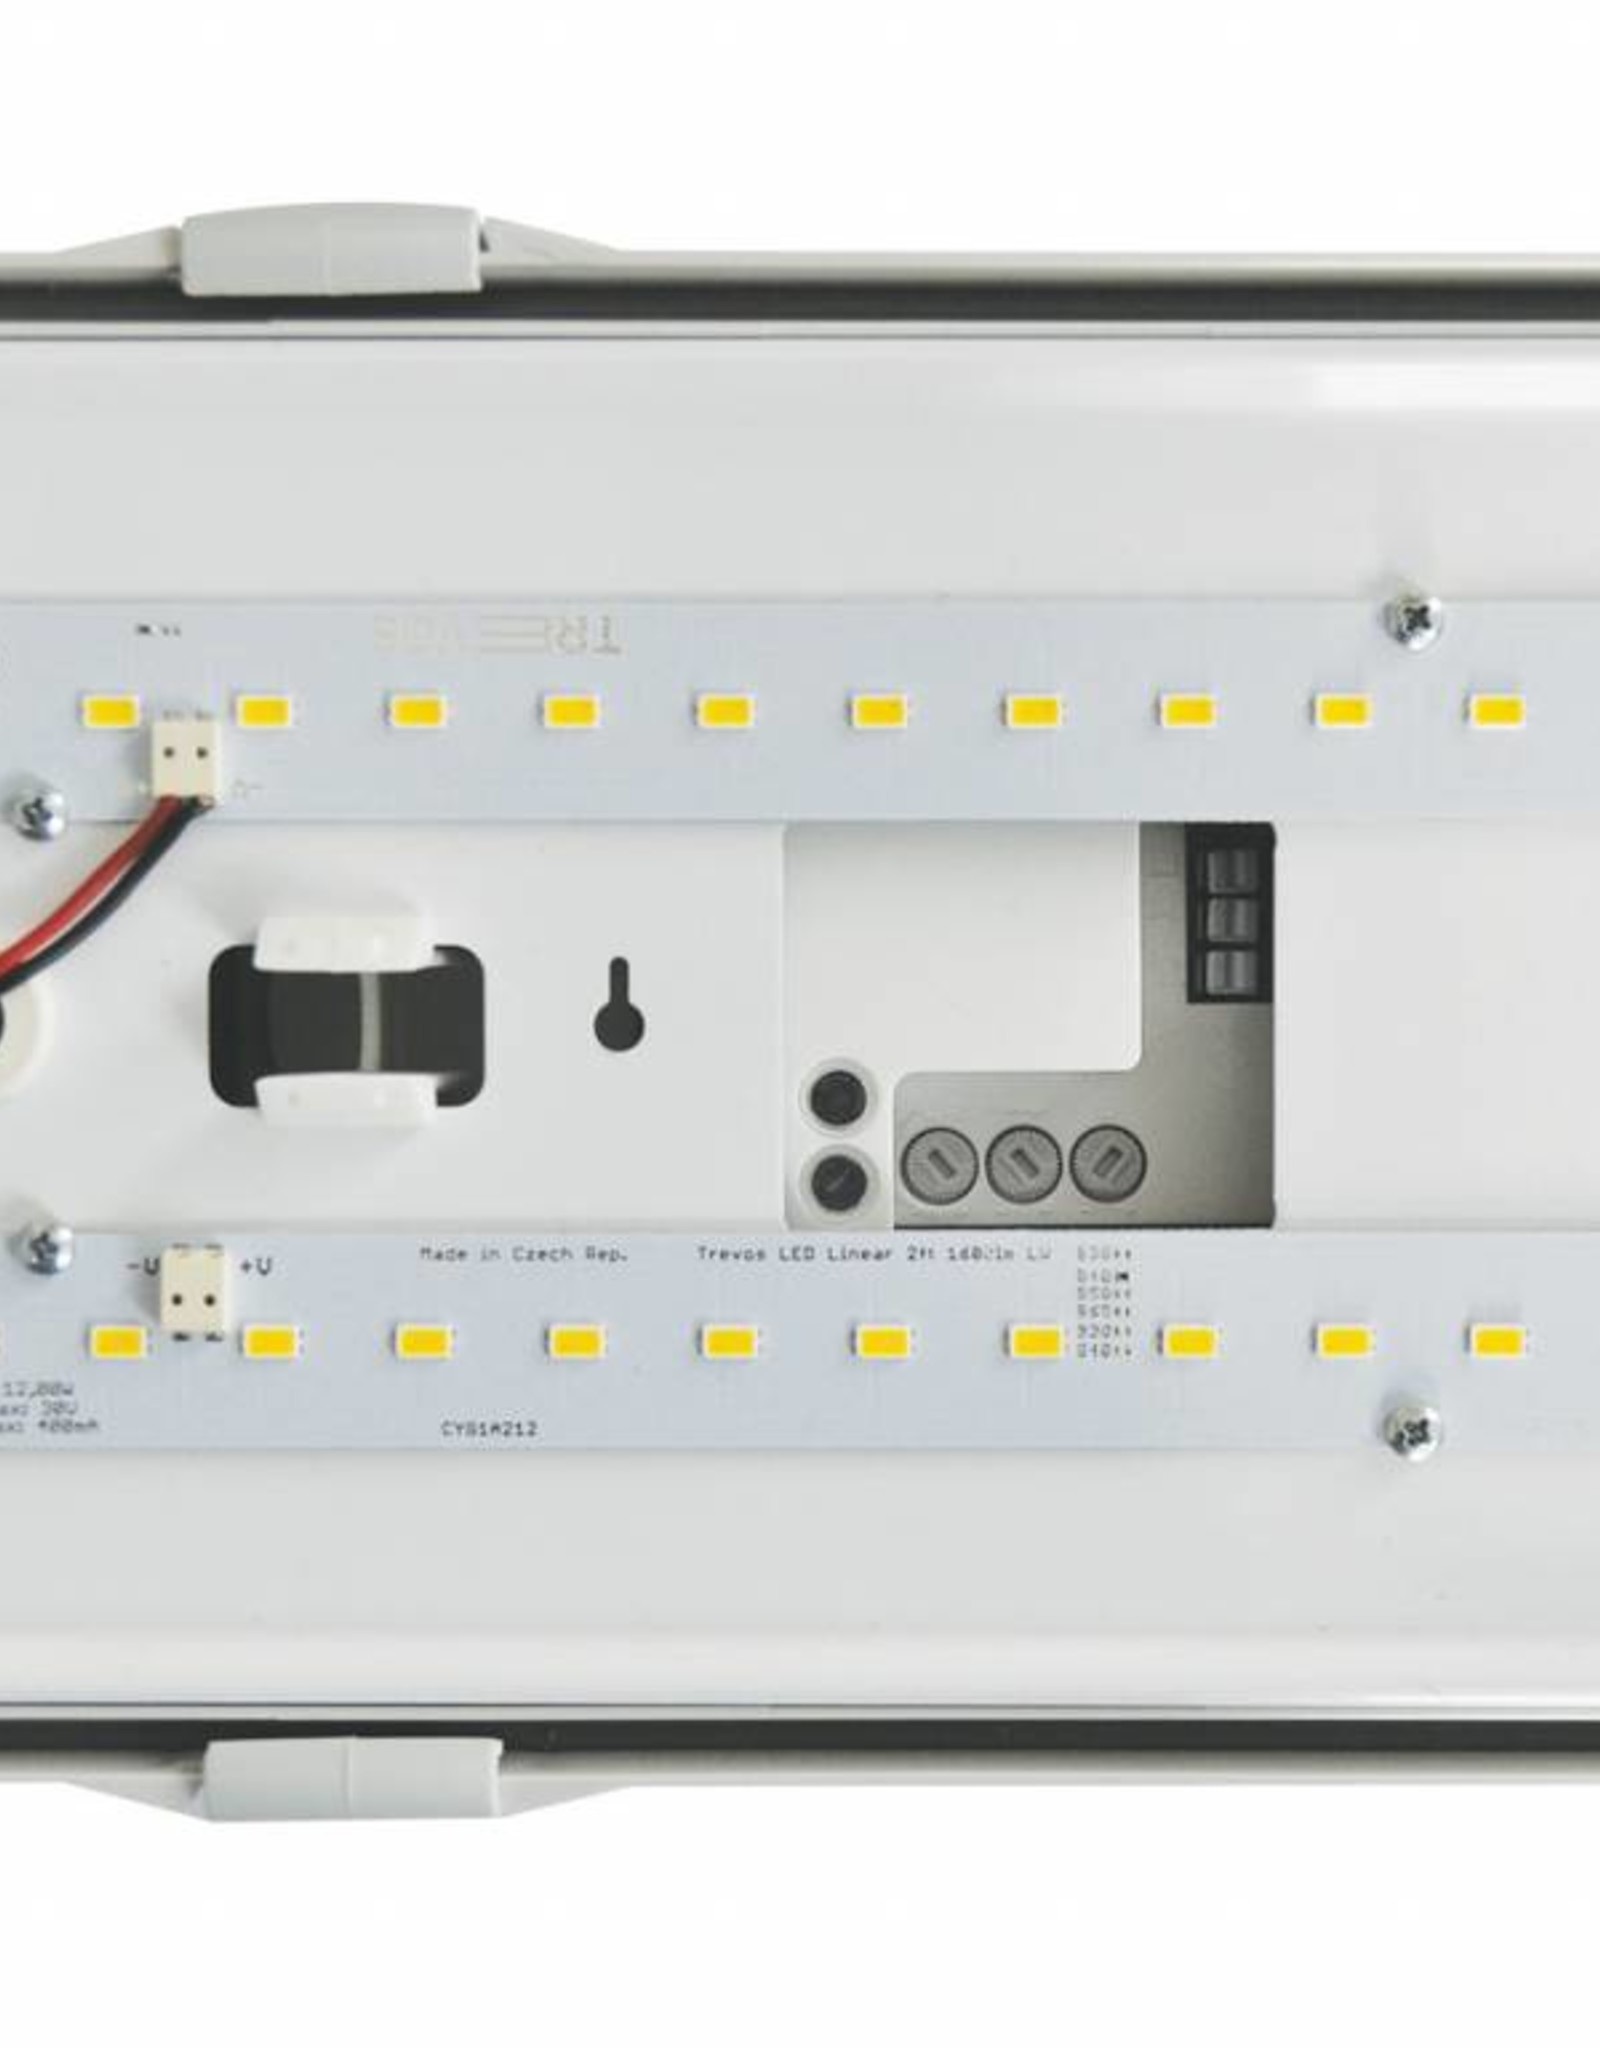 PRIMA FUTURA 2.5ft SNS ABSc Al 6500/840 DALI